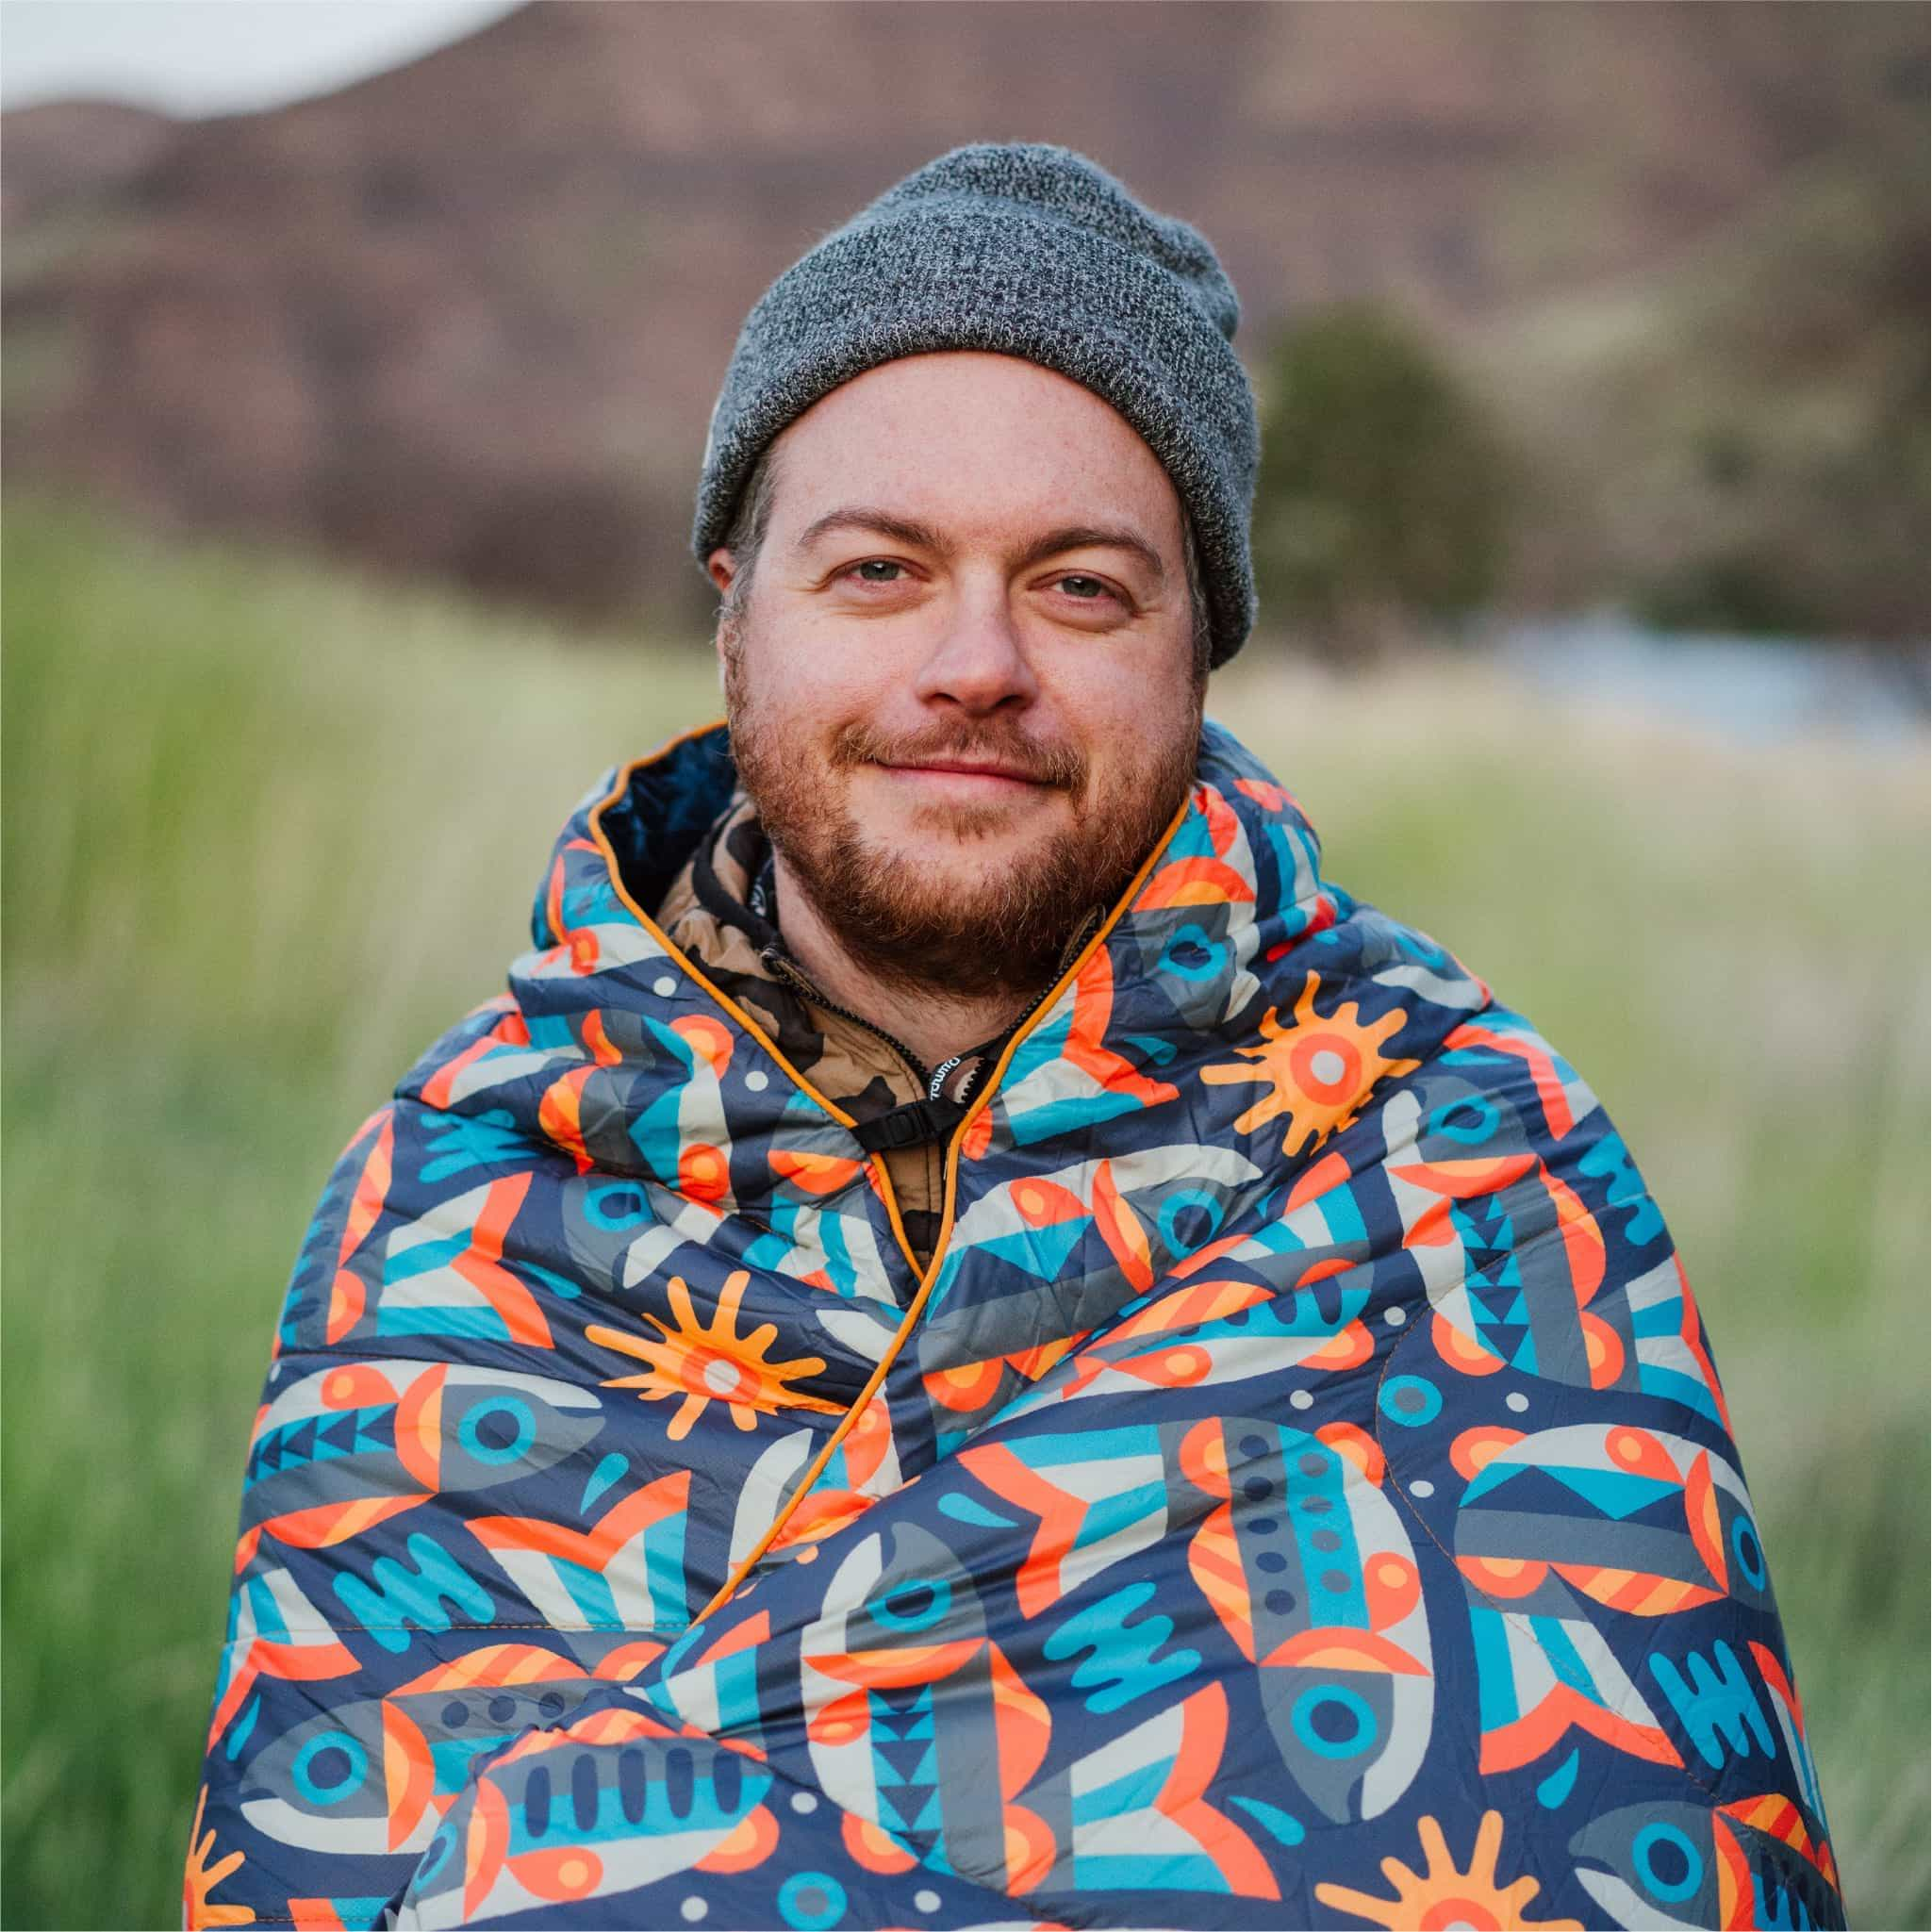 Profile image of Brett Stenson